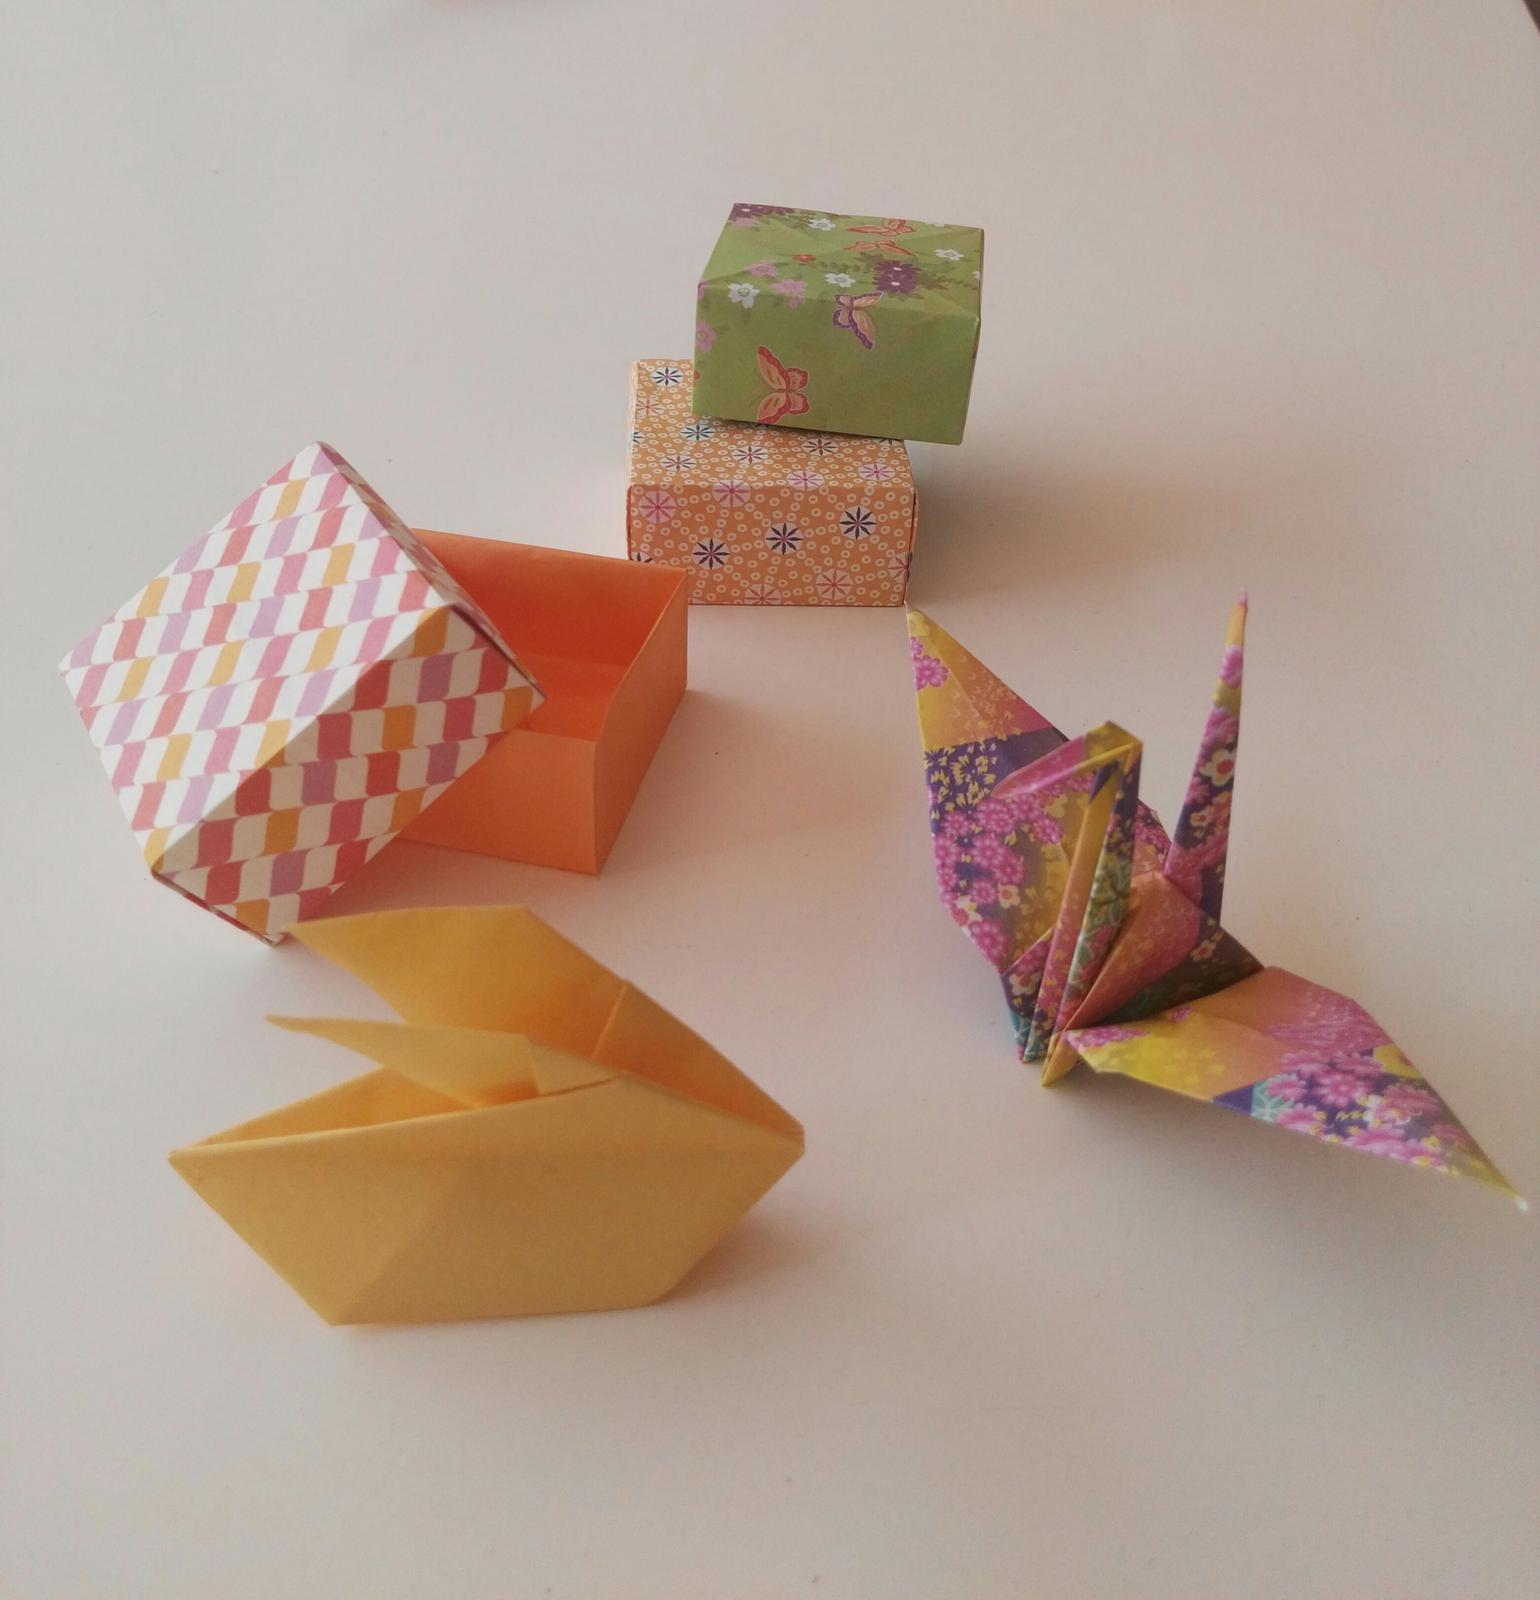 ORIGAMI Cranes, Rabbits & Boxes